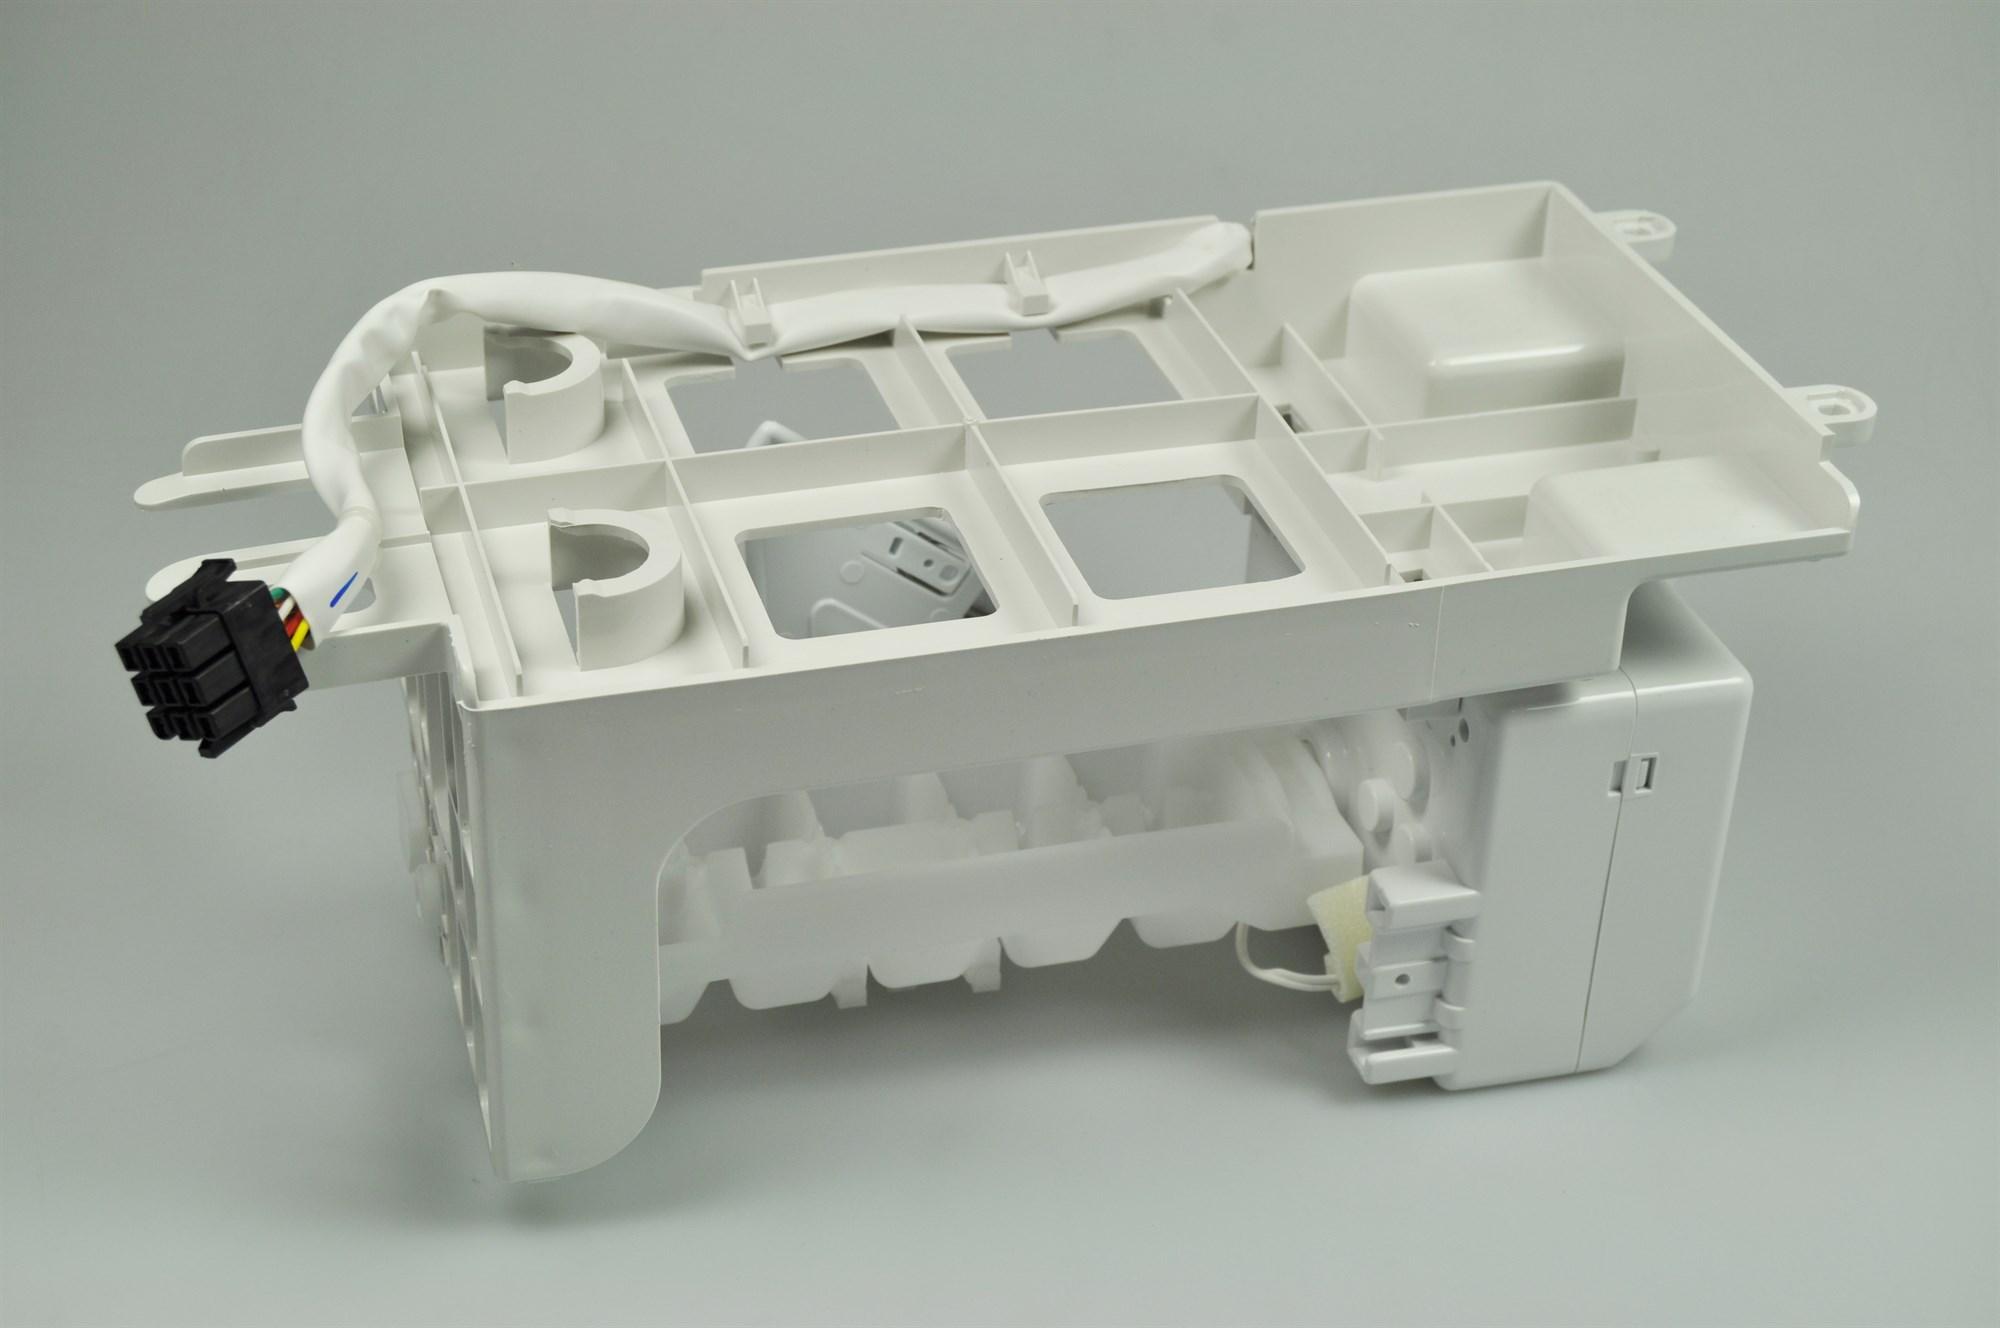 Side By Side Kühlschrank Größe : Eiswürfelbereiter samsung side by side kühlschrank komplett